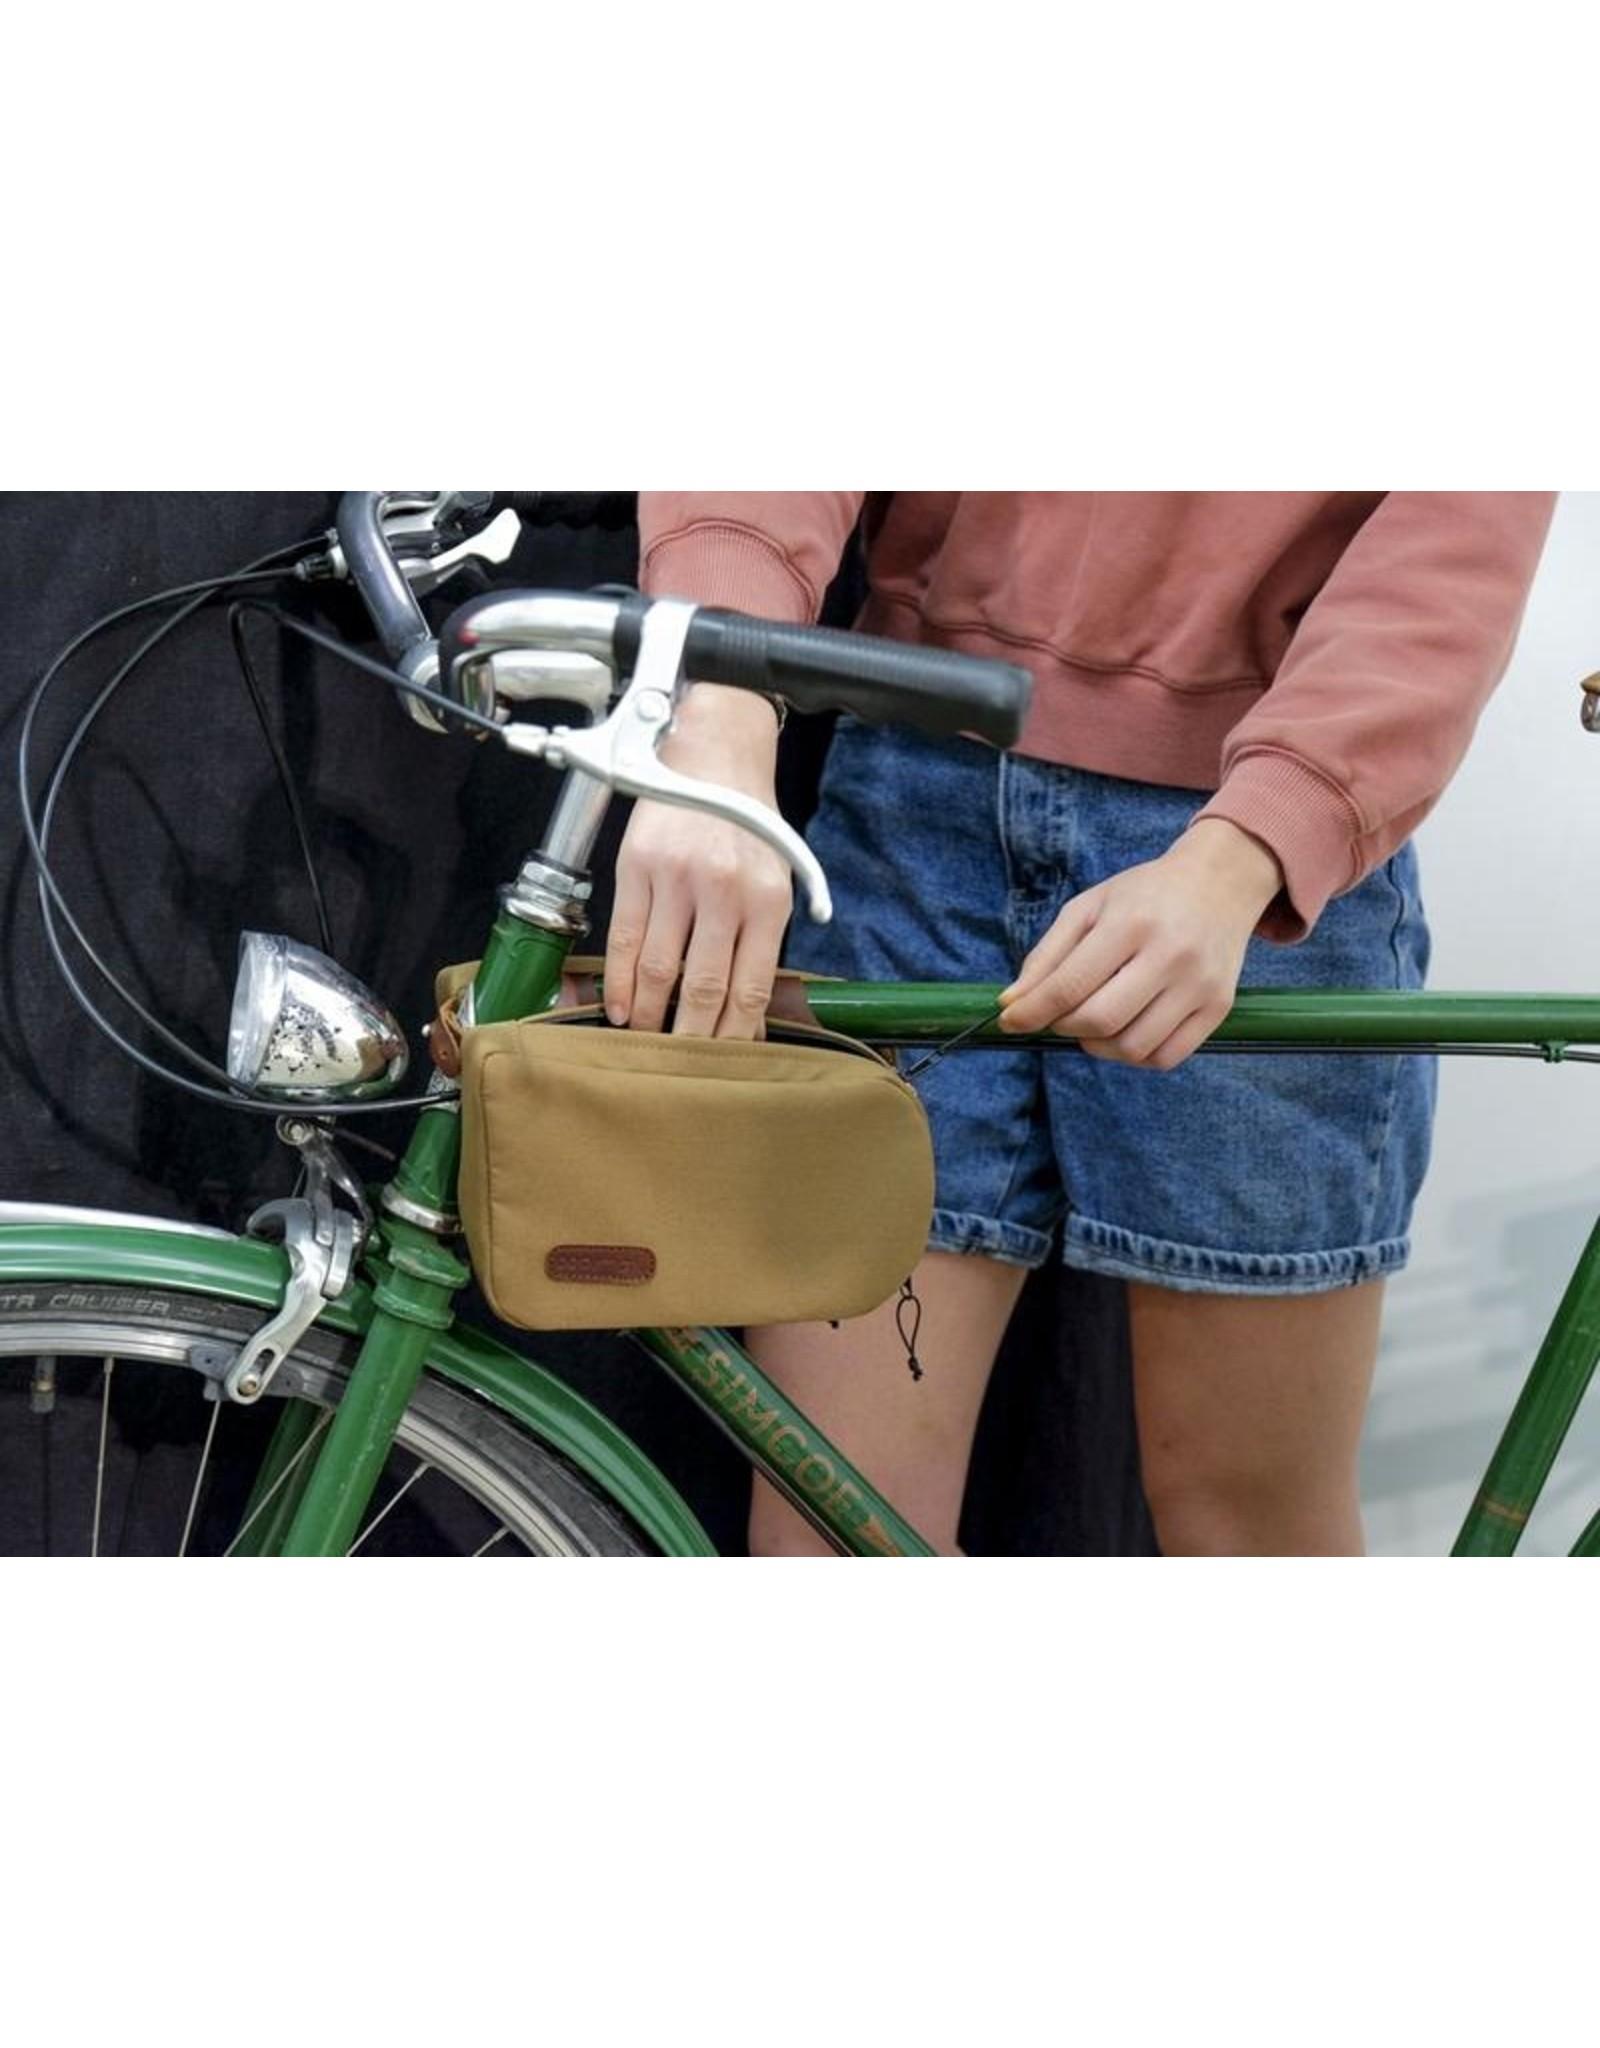 Oopsmark OOPSMARK - The GoBagg - Bicycle Frame Bag